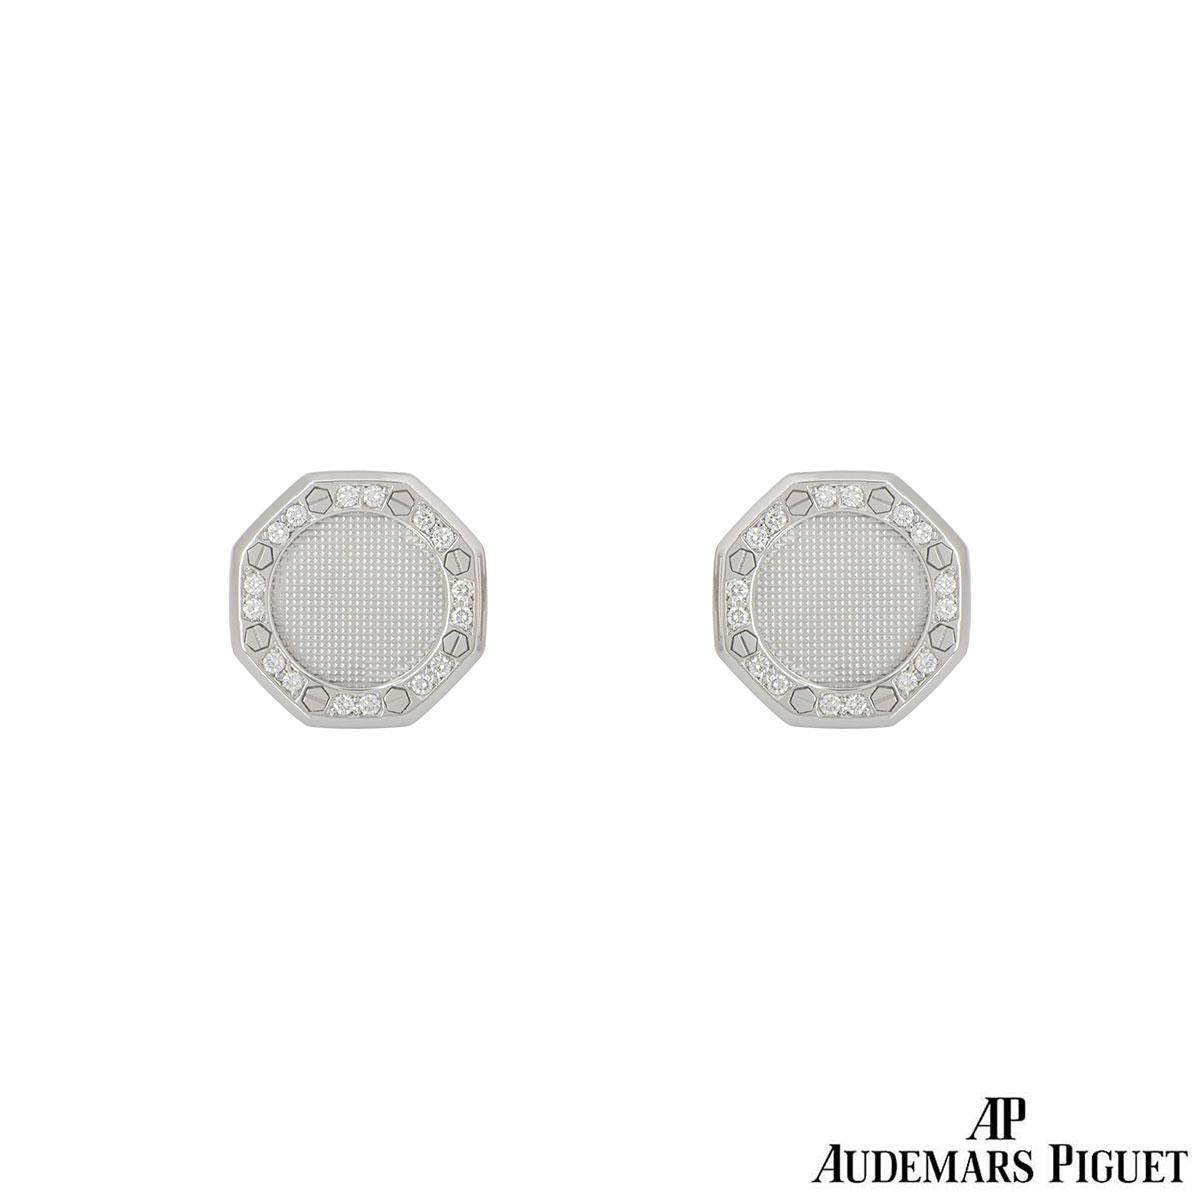 Audemars Piguet White Gold Diamond Royal Oak Cufflinks